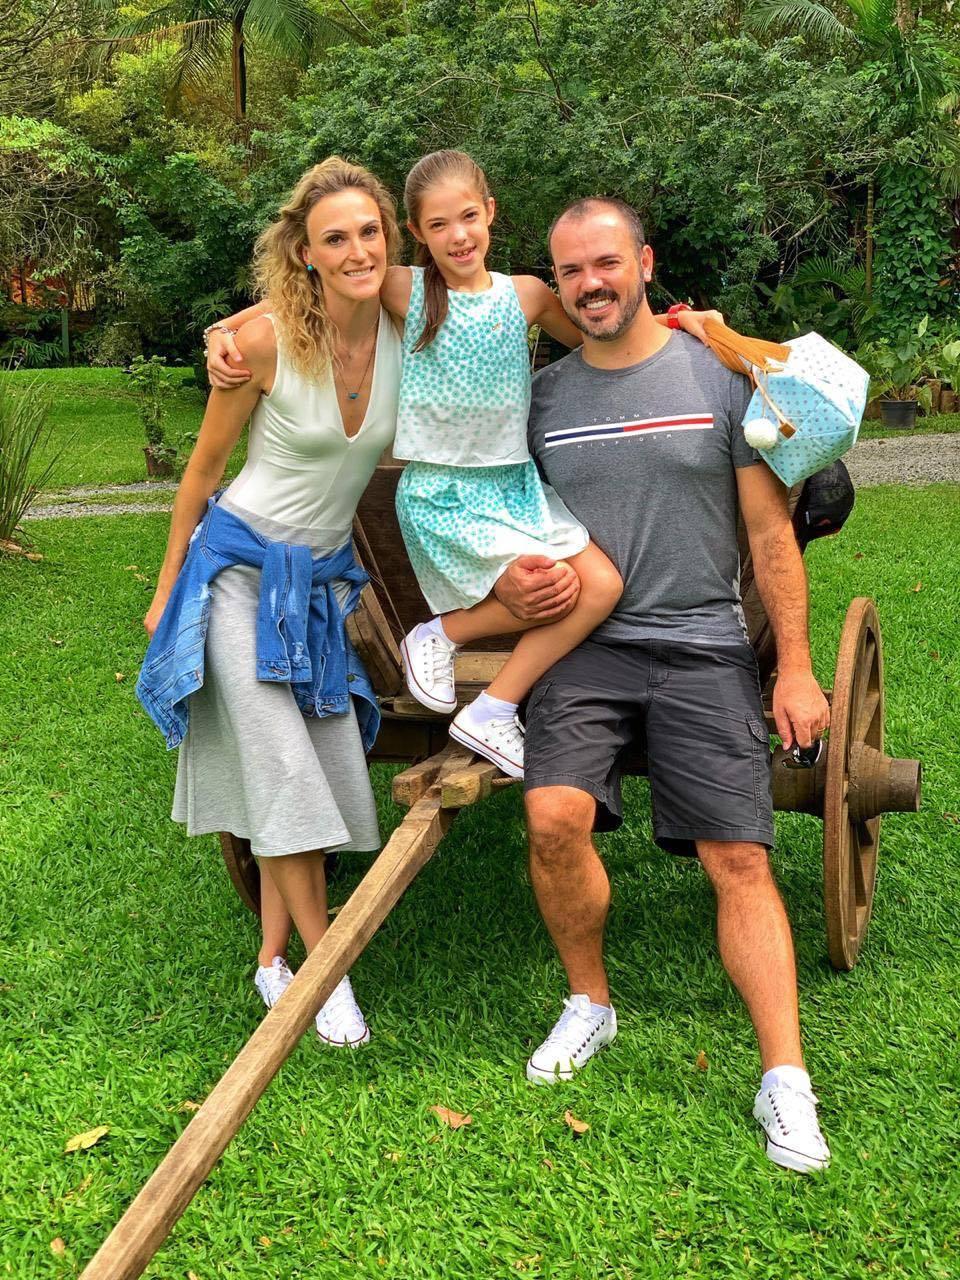 FELICITAÇÕES - O sábado (20), foi especial para o casal Franck e Valeska Bobato, que comemoraram ao lado de familiares e amigos, a chegada dos 9 anos da sua filha Maria Clara. Da coluna RC os votos de saúde e felicidades, a querida família Bobato.